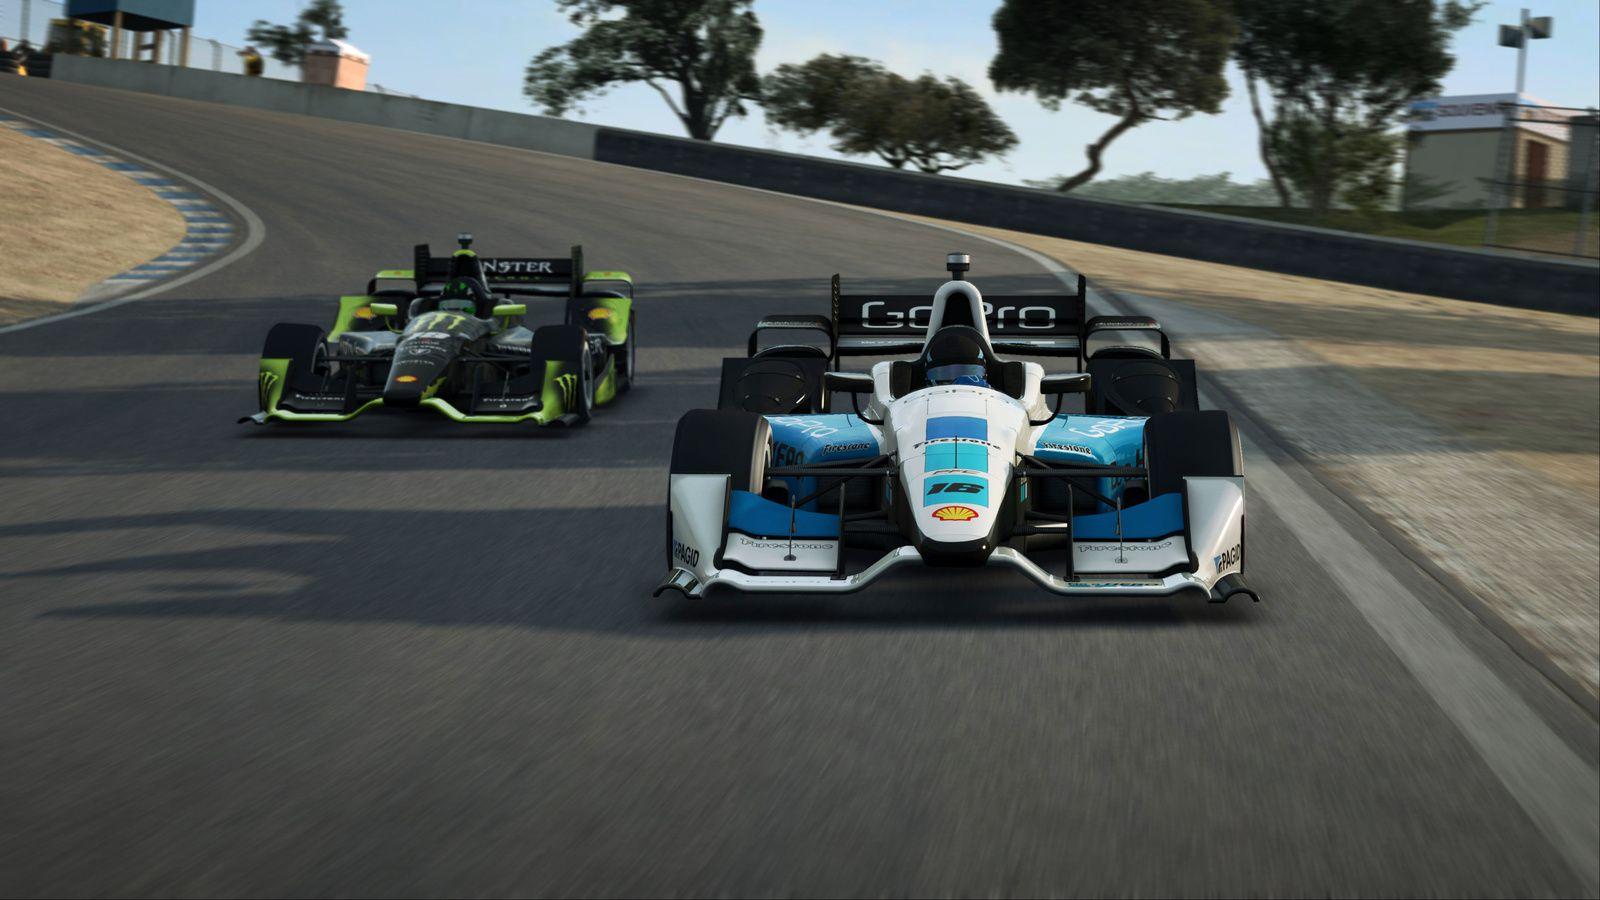 Raceroom - Formula US, sortie prévue la semaine prochaine